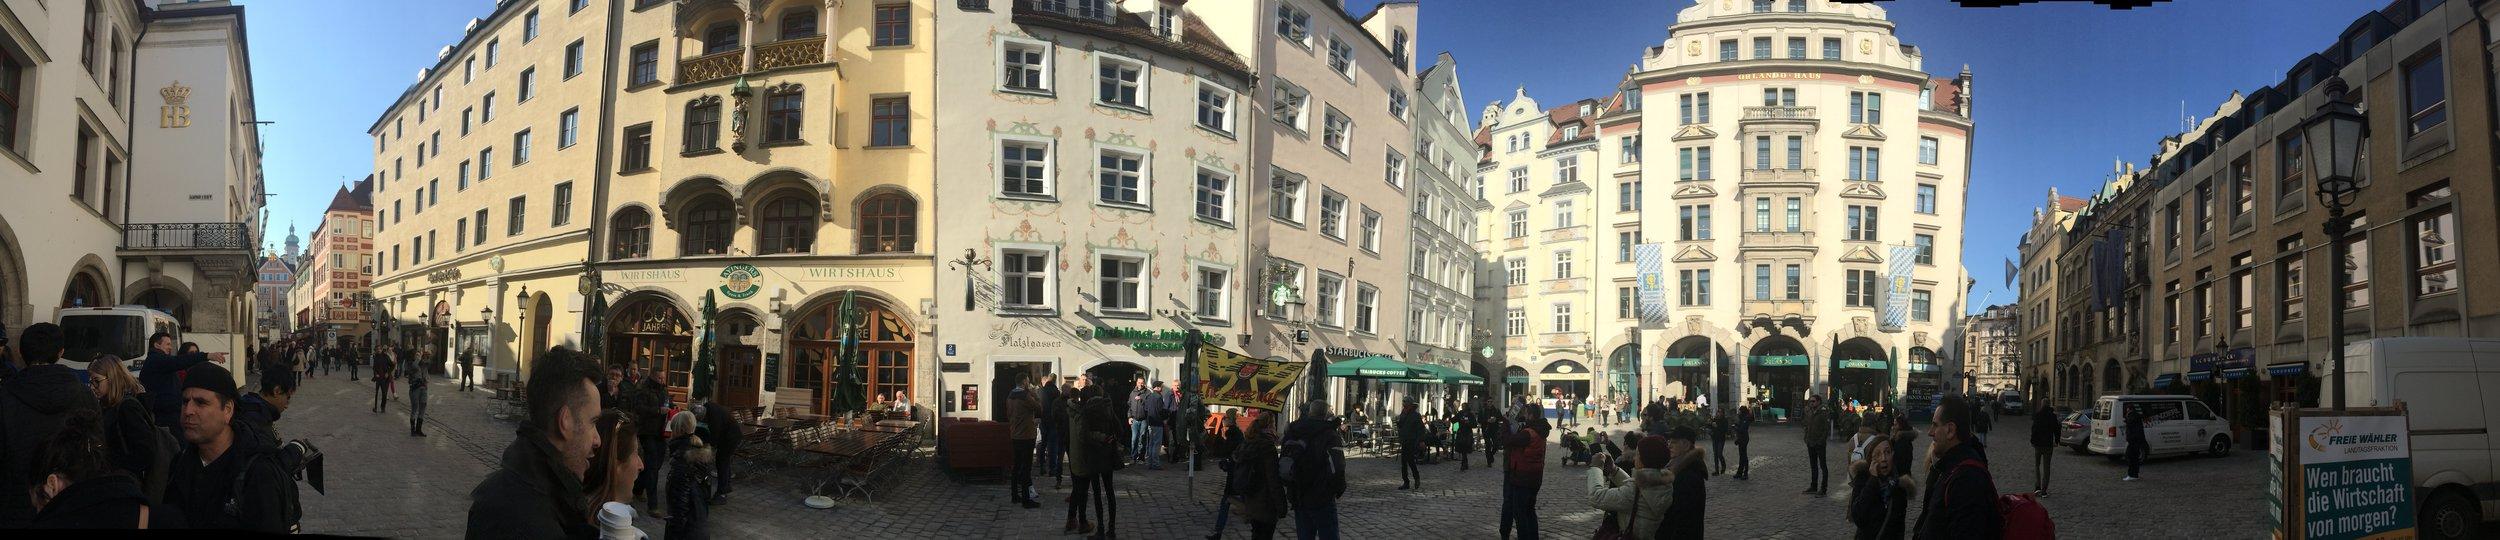 Main Square in Munich